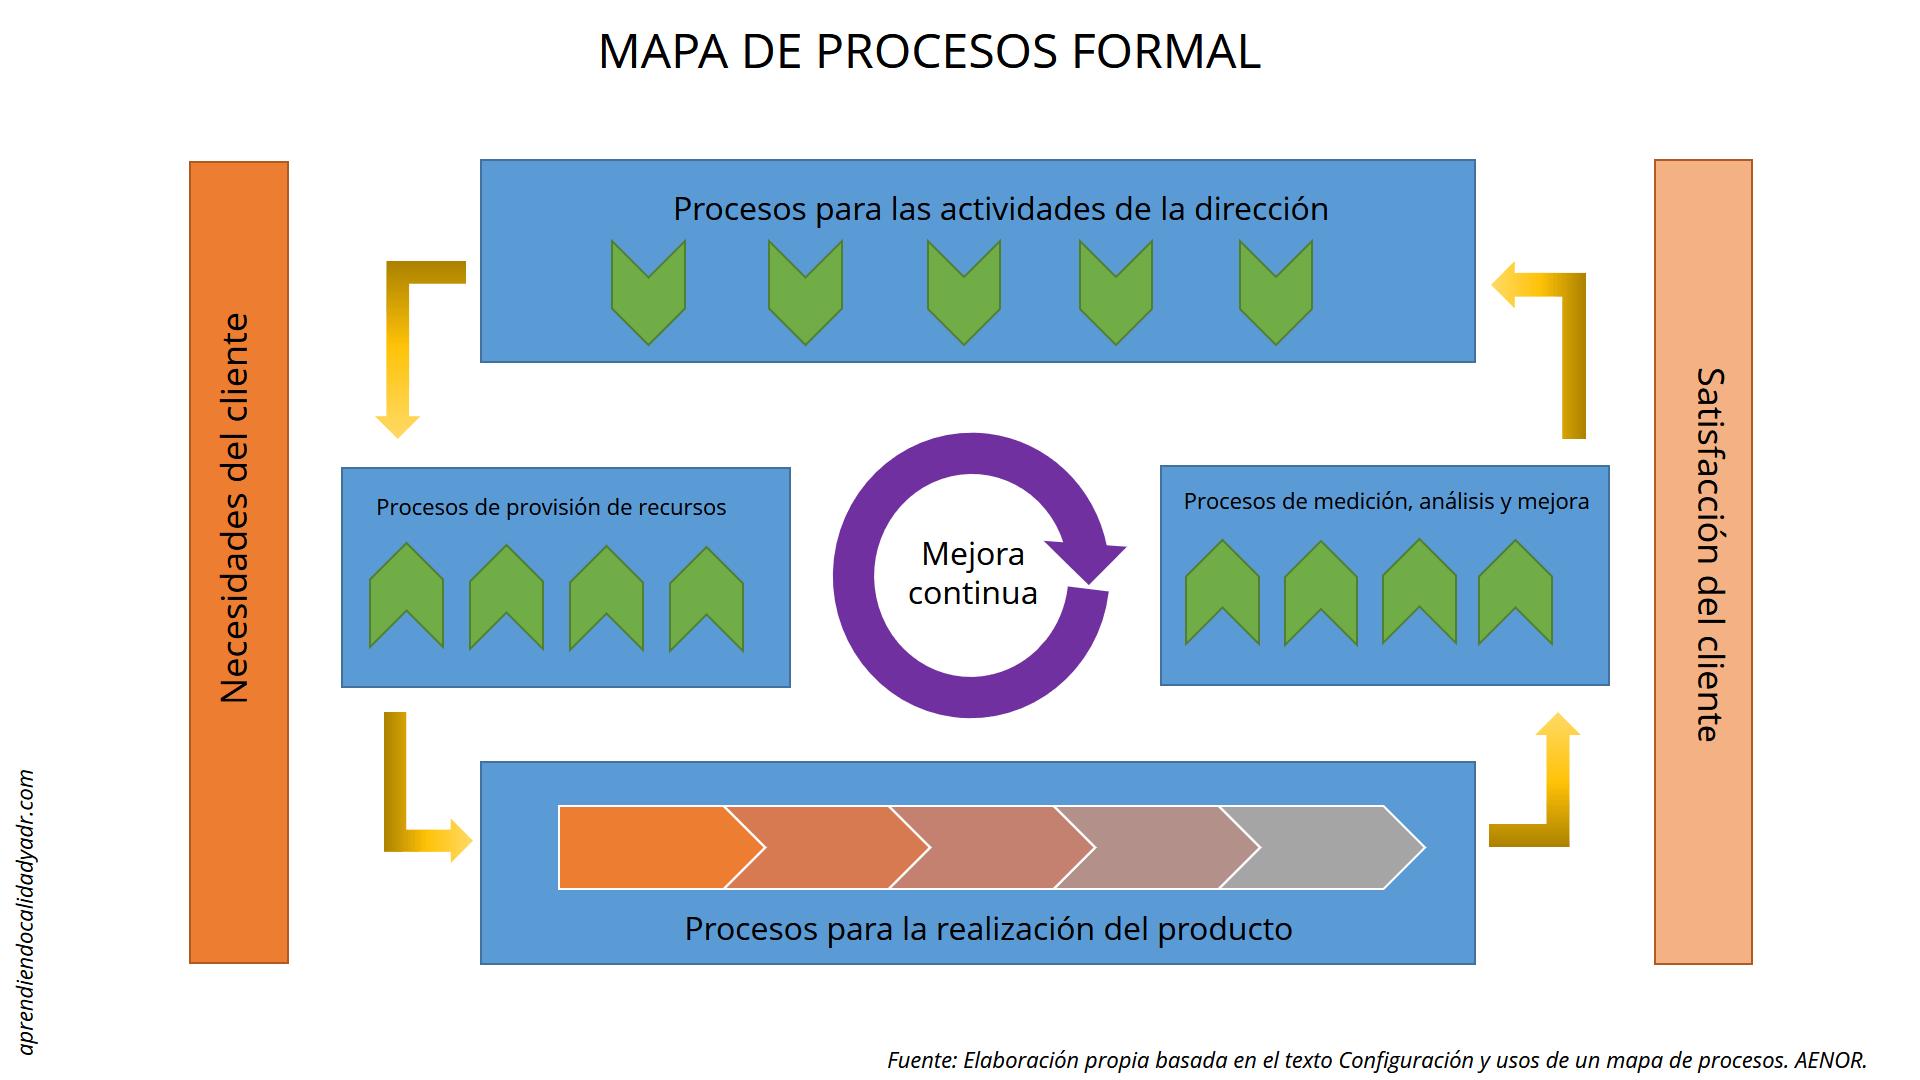 3 herramientas para mapear procesos en ISO 9001:2015 - Calidad y ADR